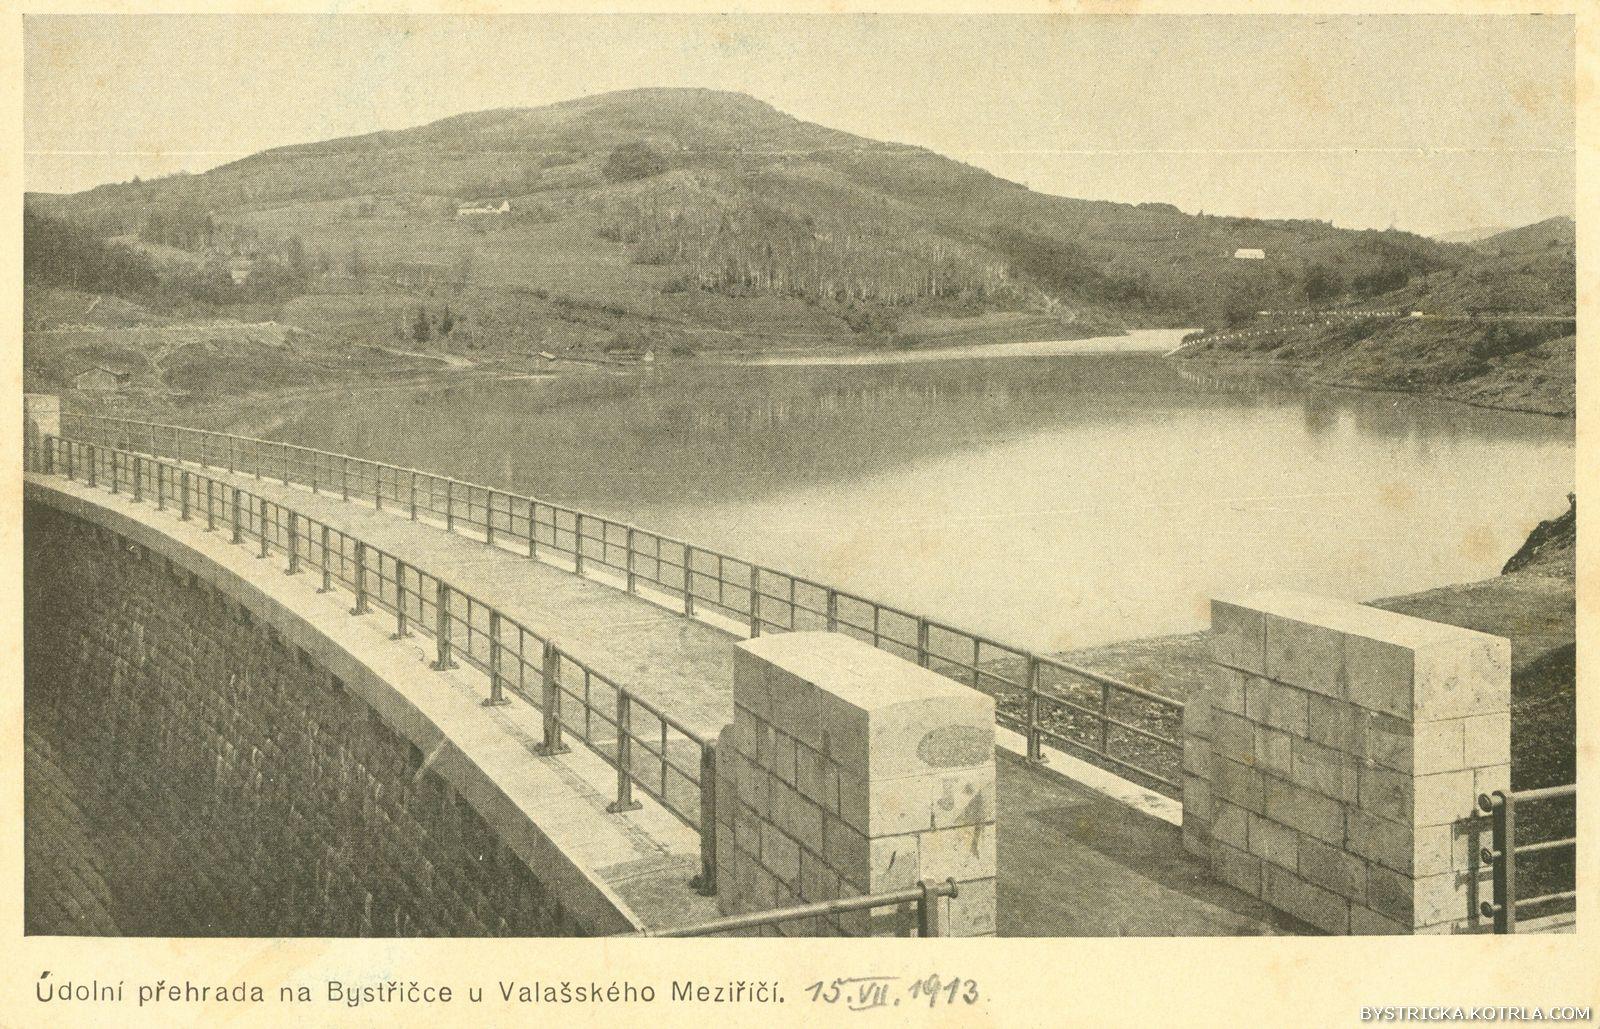 Údolní přehrada na Bystřičce u Valašského Meziříčí. 1913